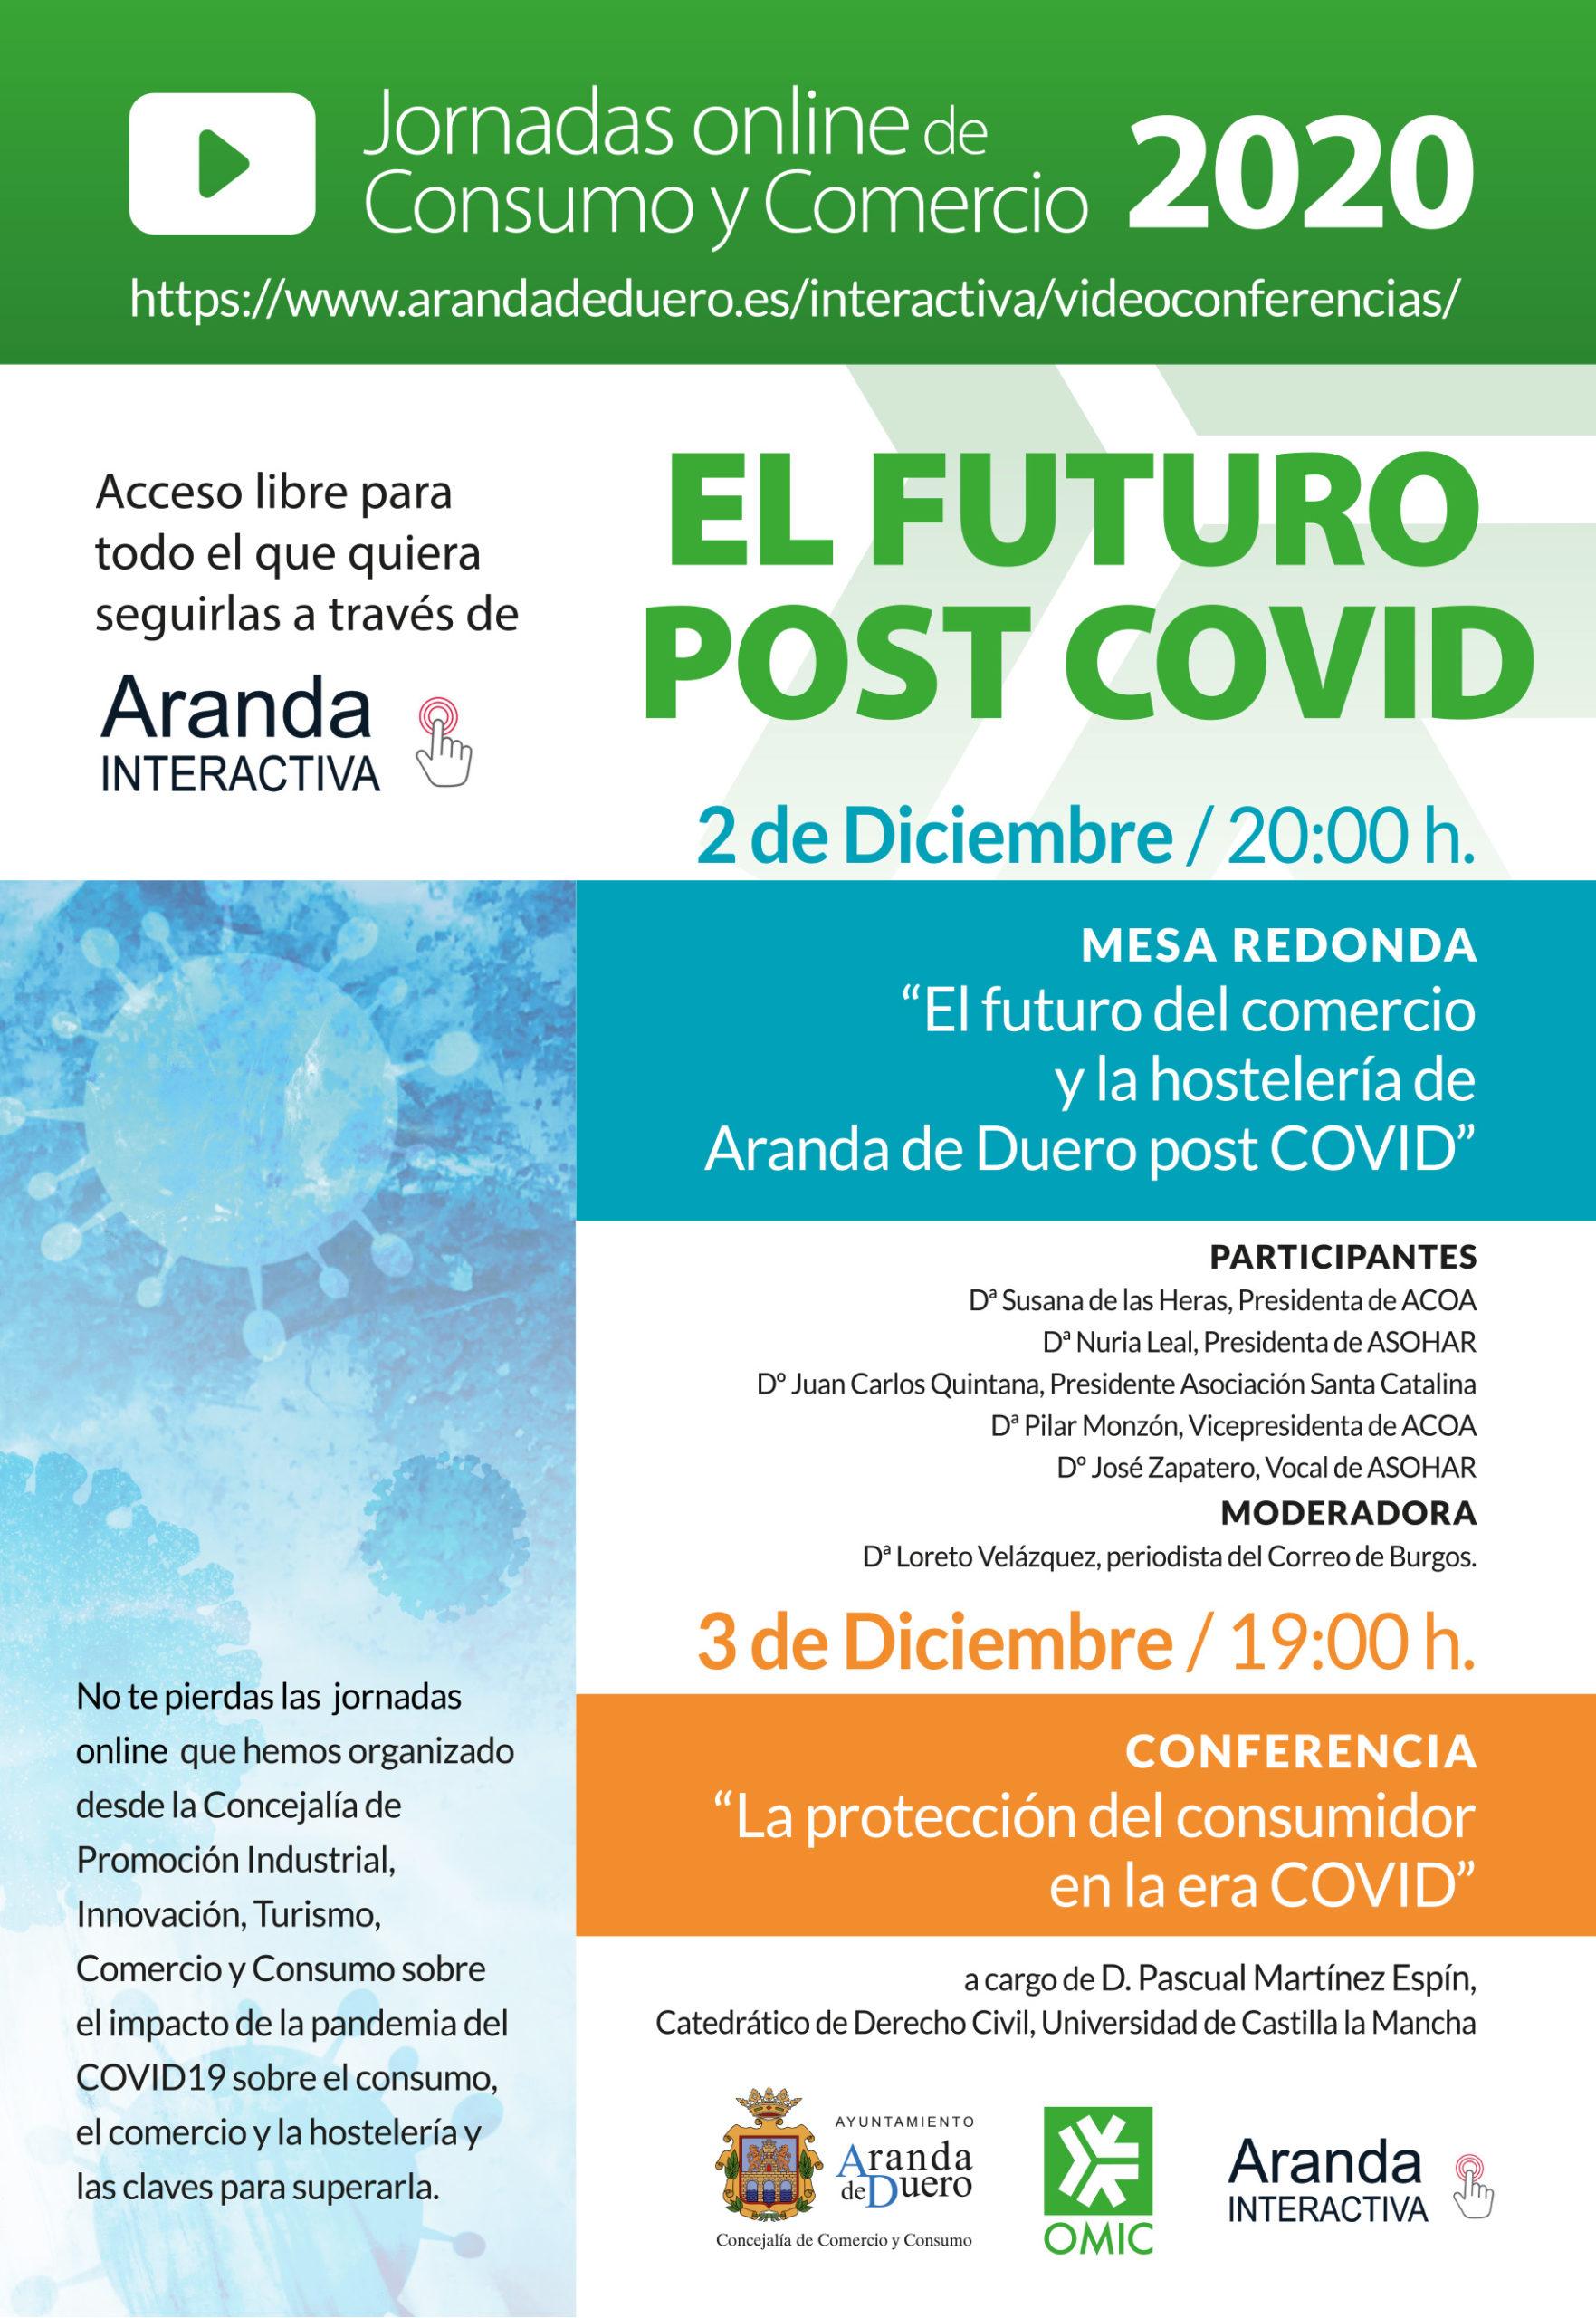 Conferencia: «La protección del consumidor en la era COVID»